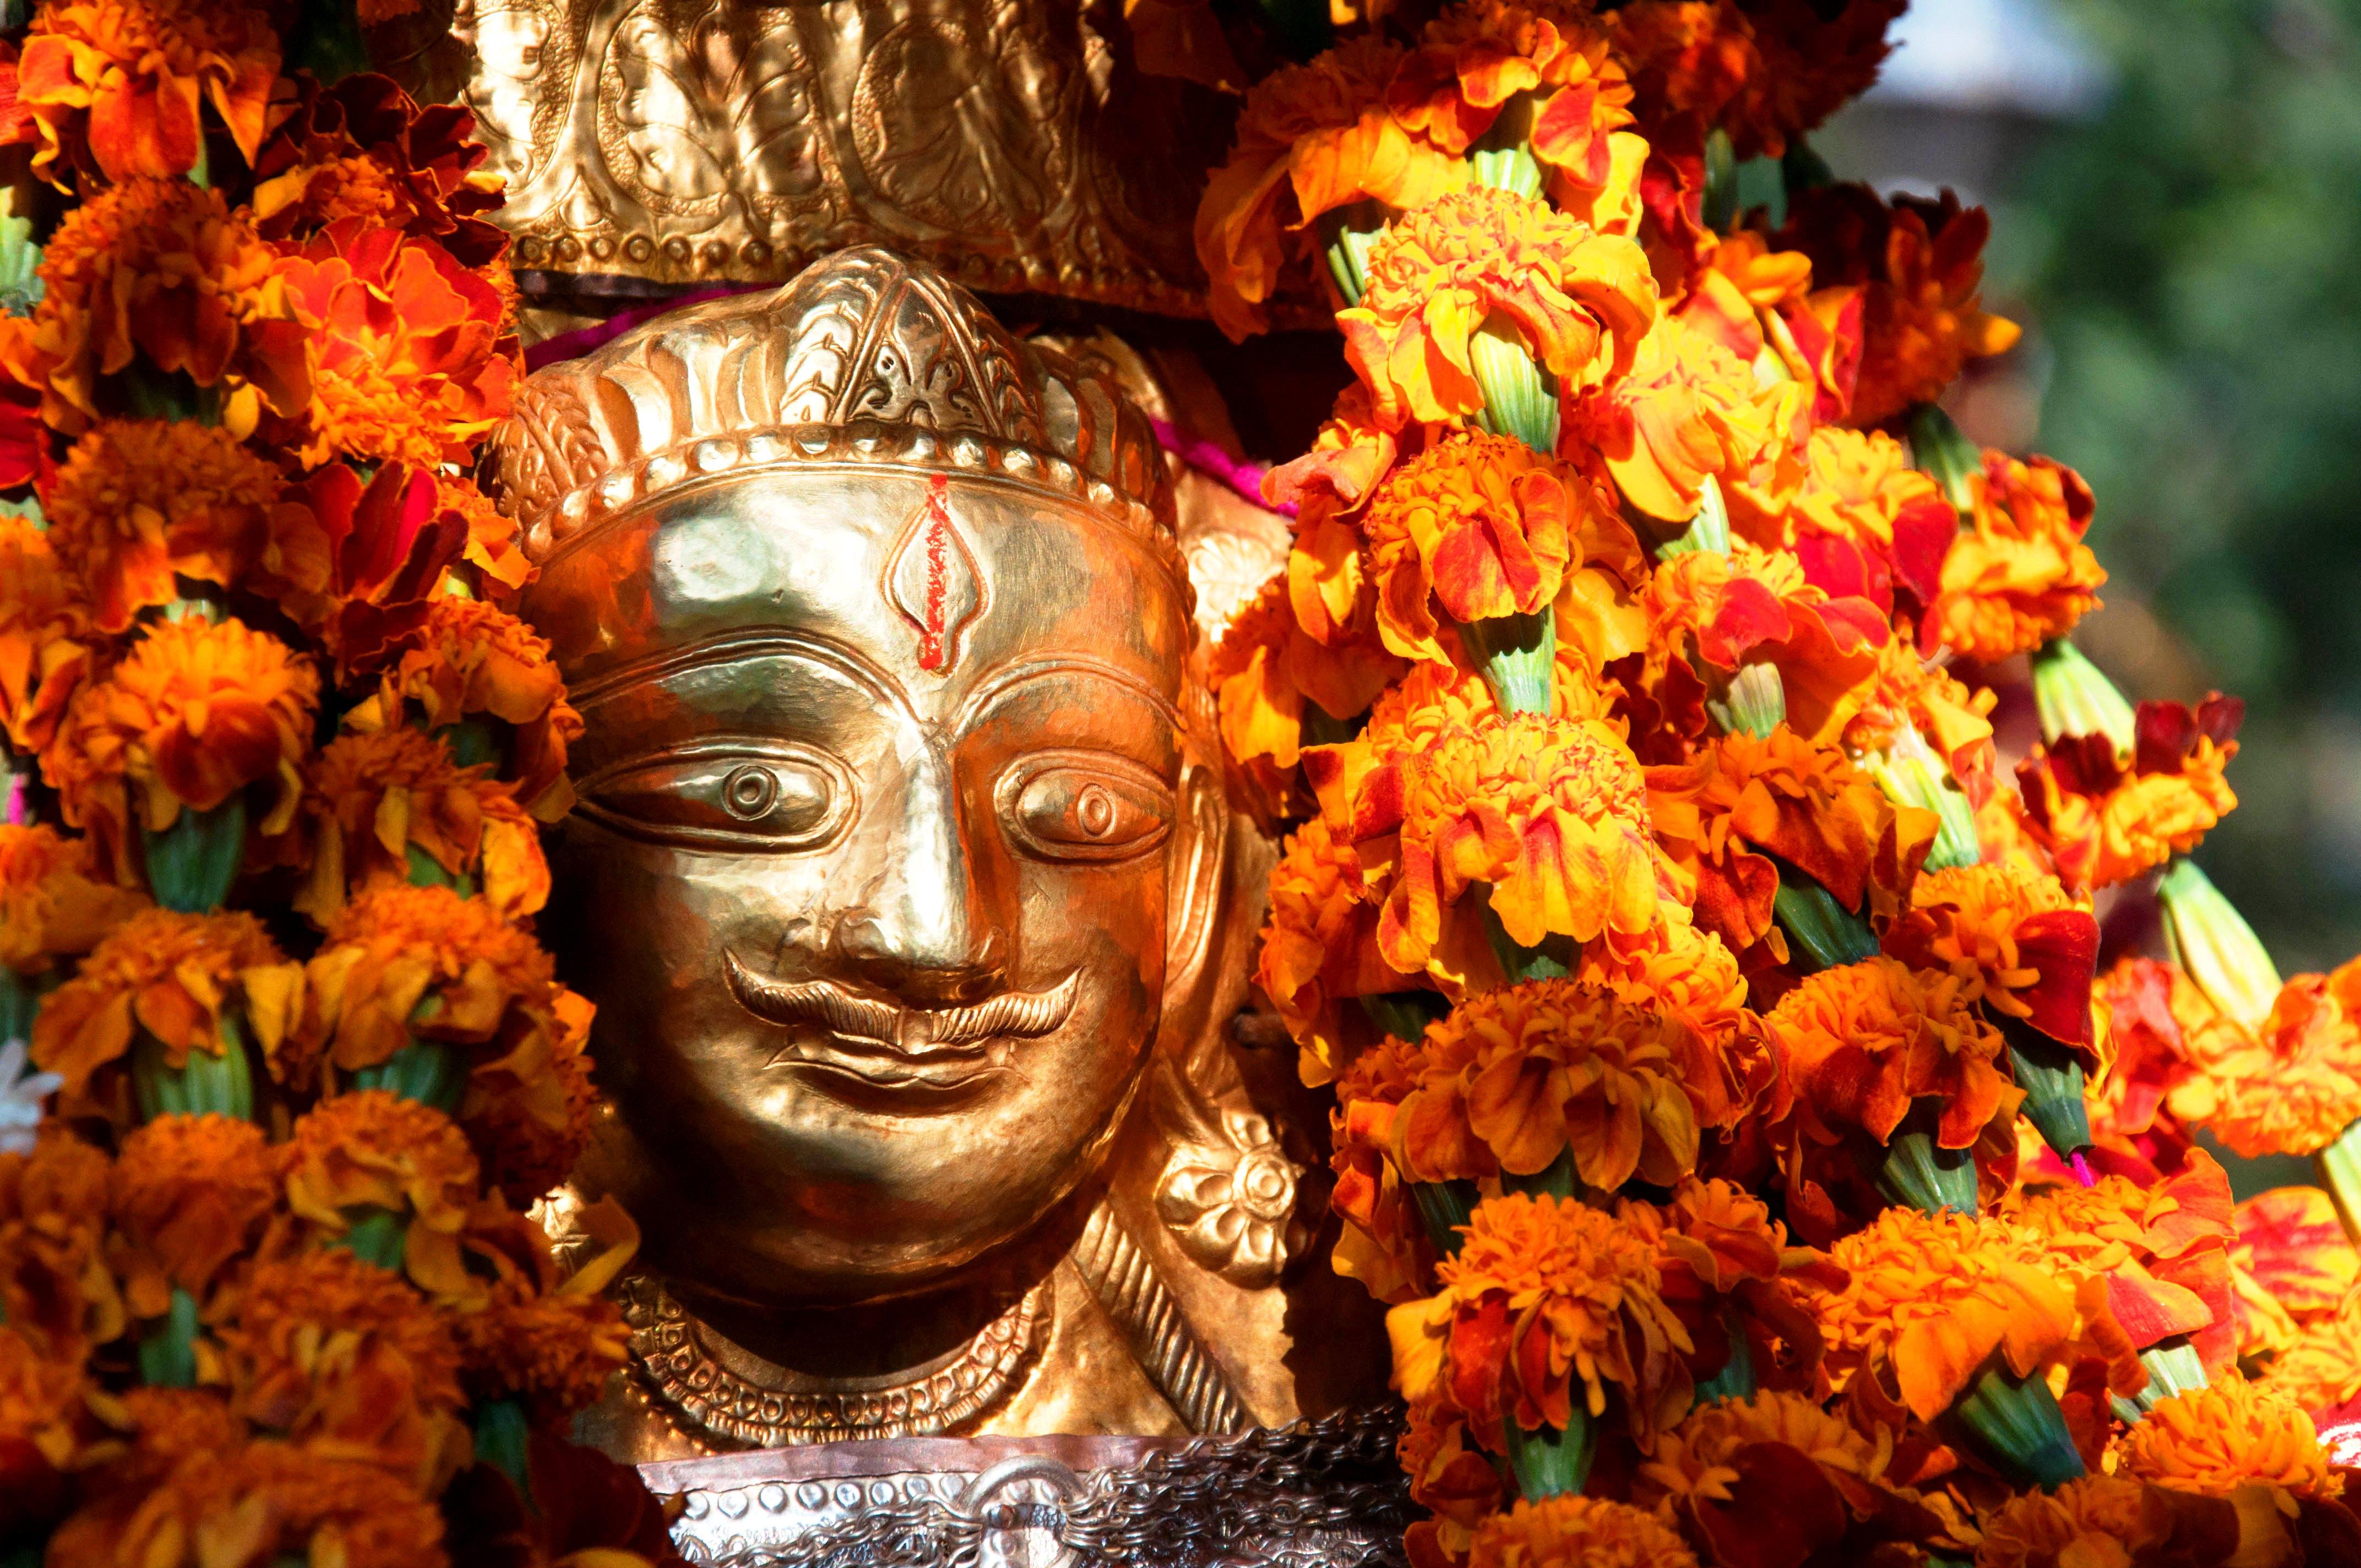 Deity of Raghunath